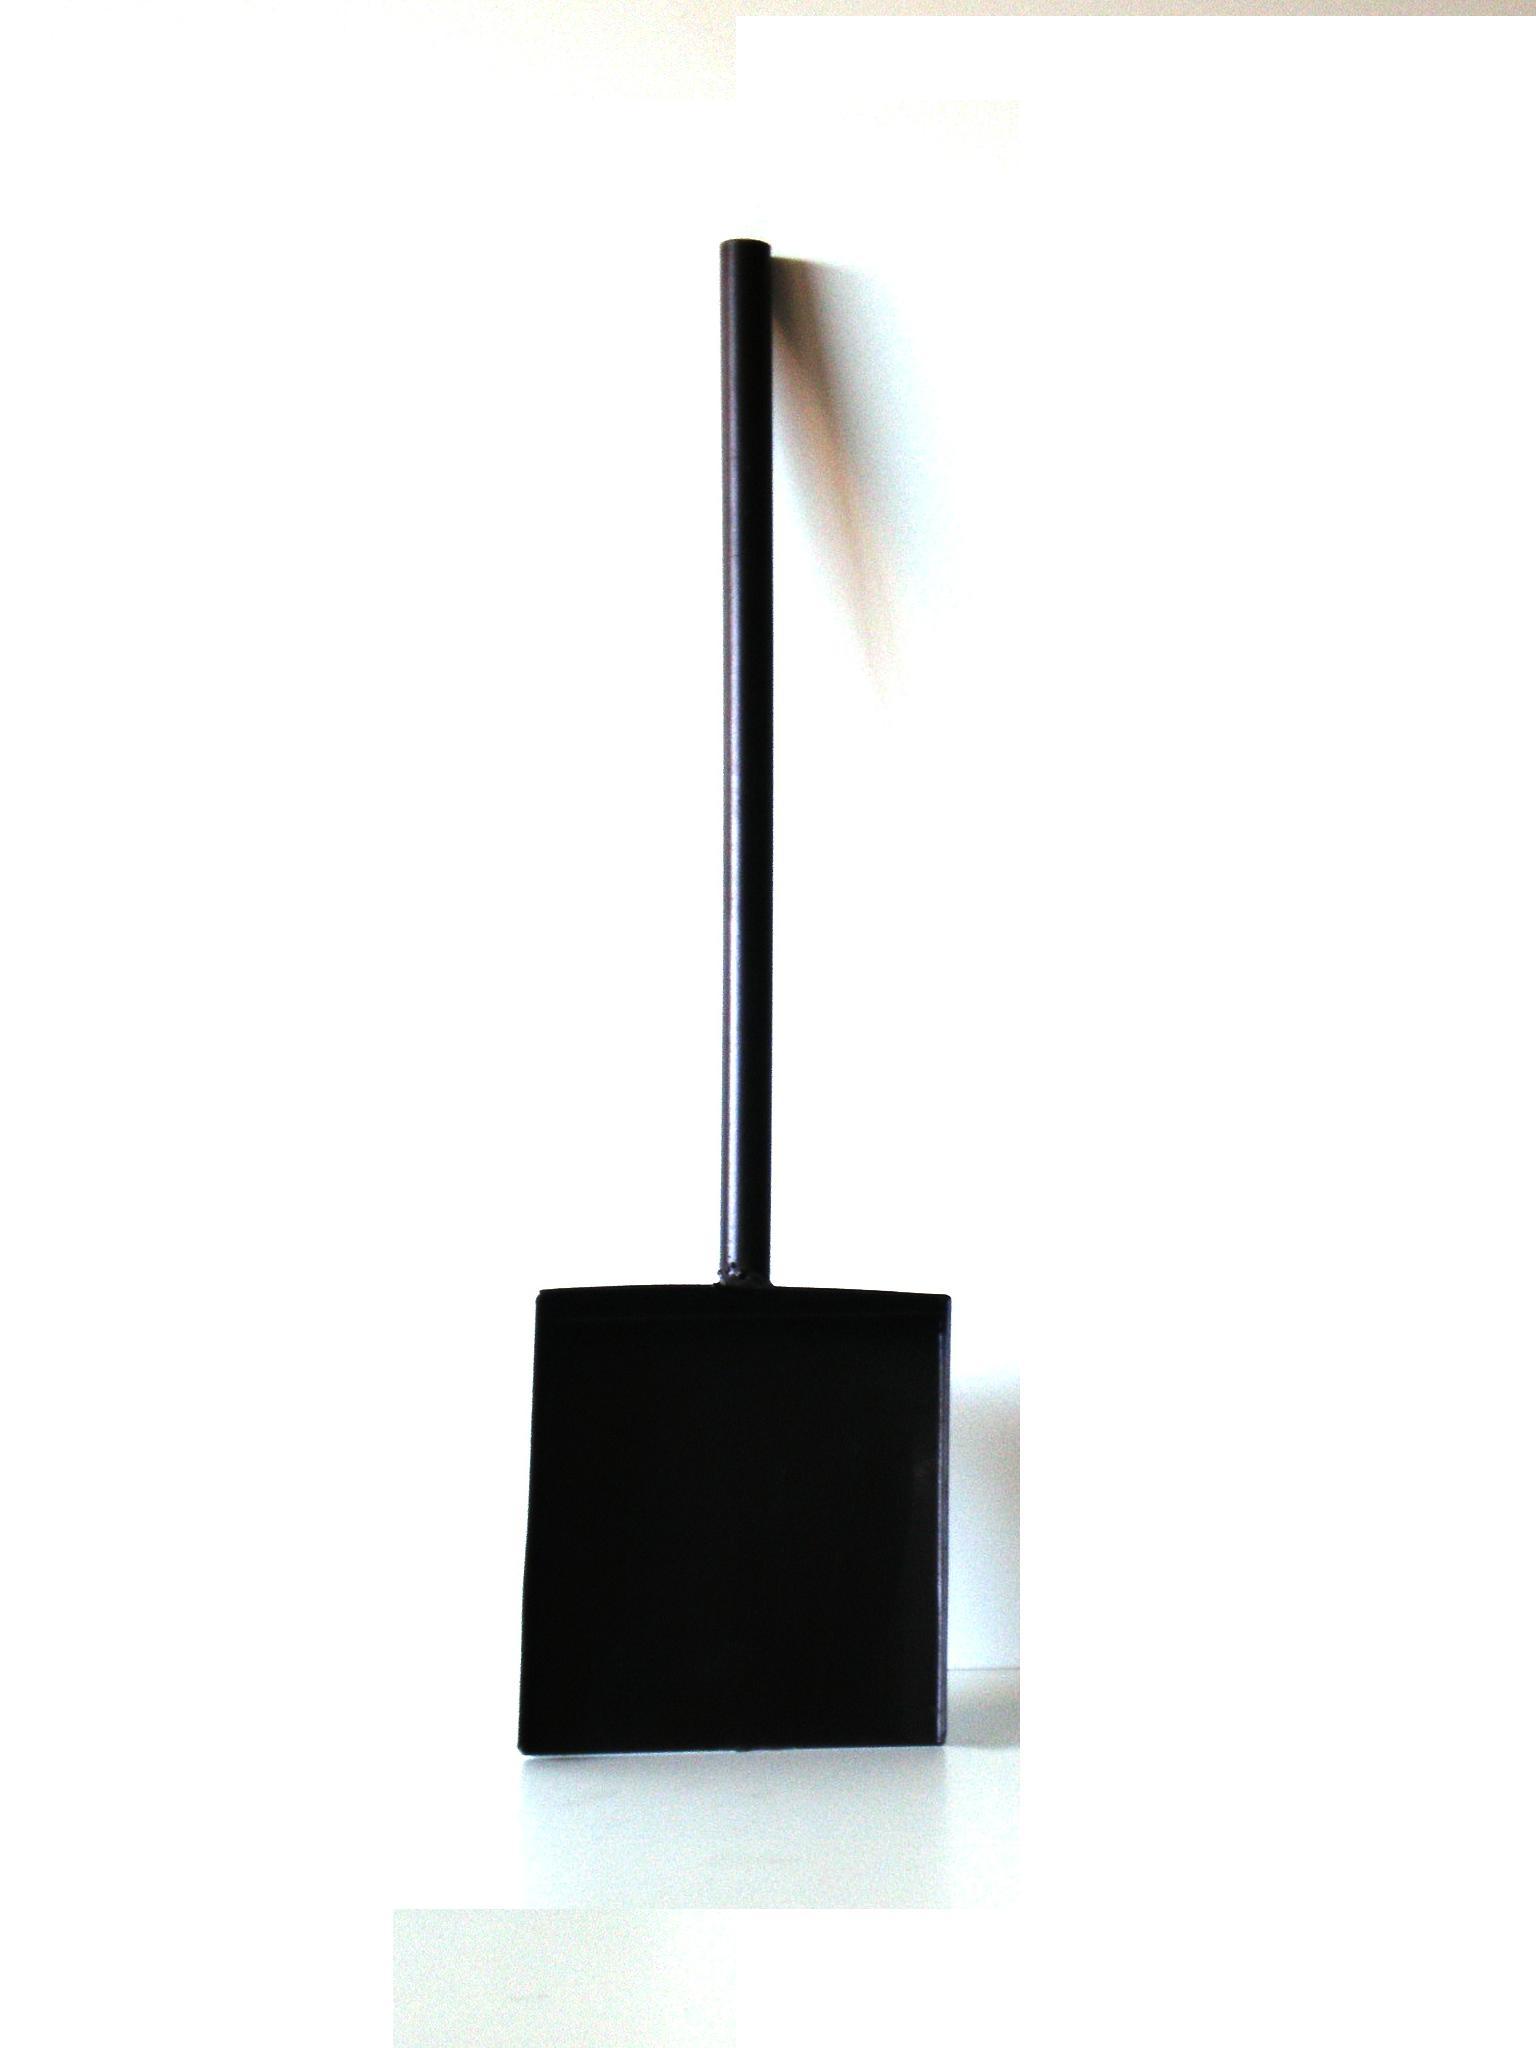 Φτυάρι Τζακιού Μαύρο Ψηλό - Β - 3-ex5